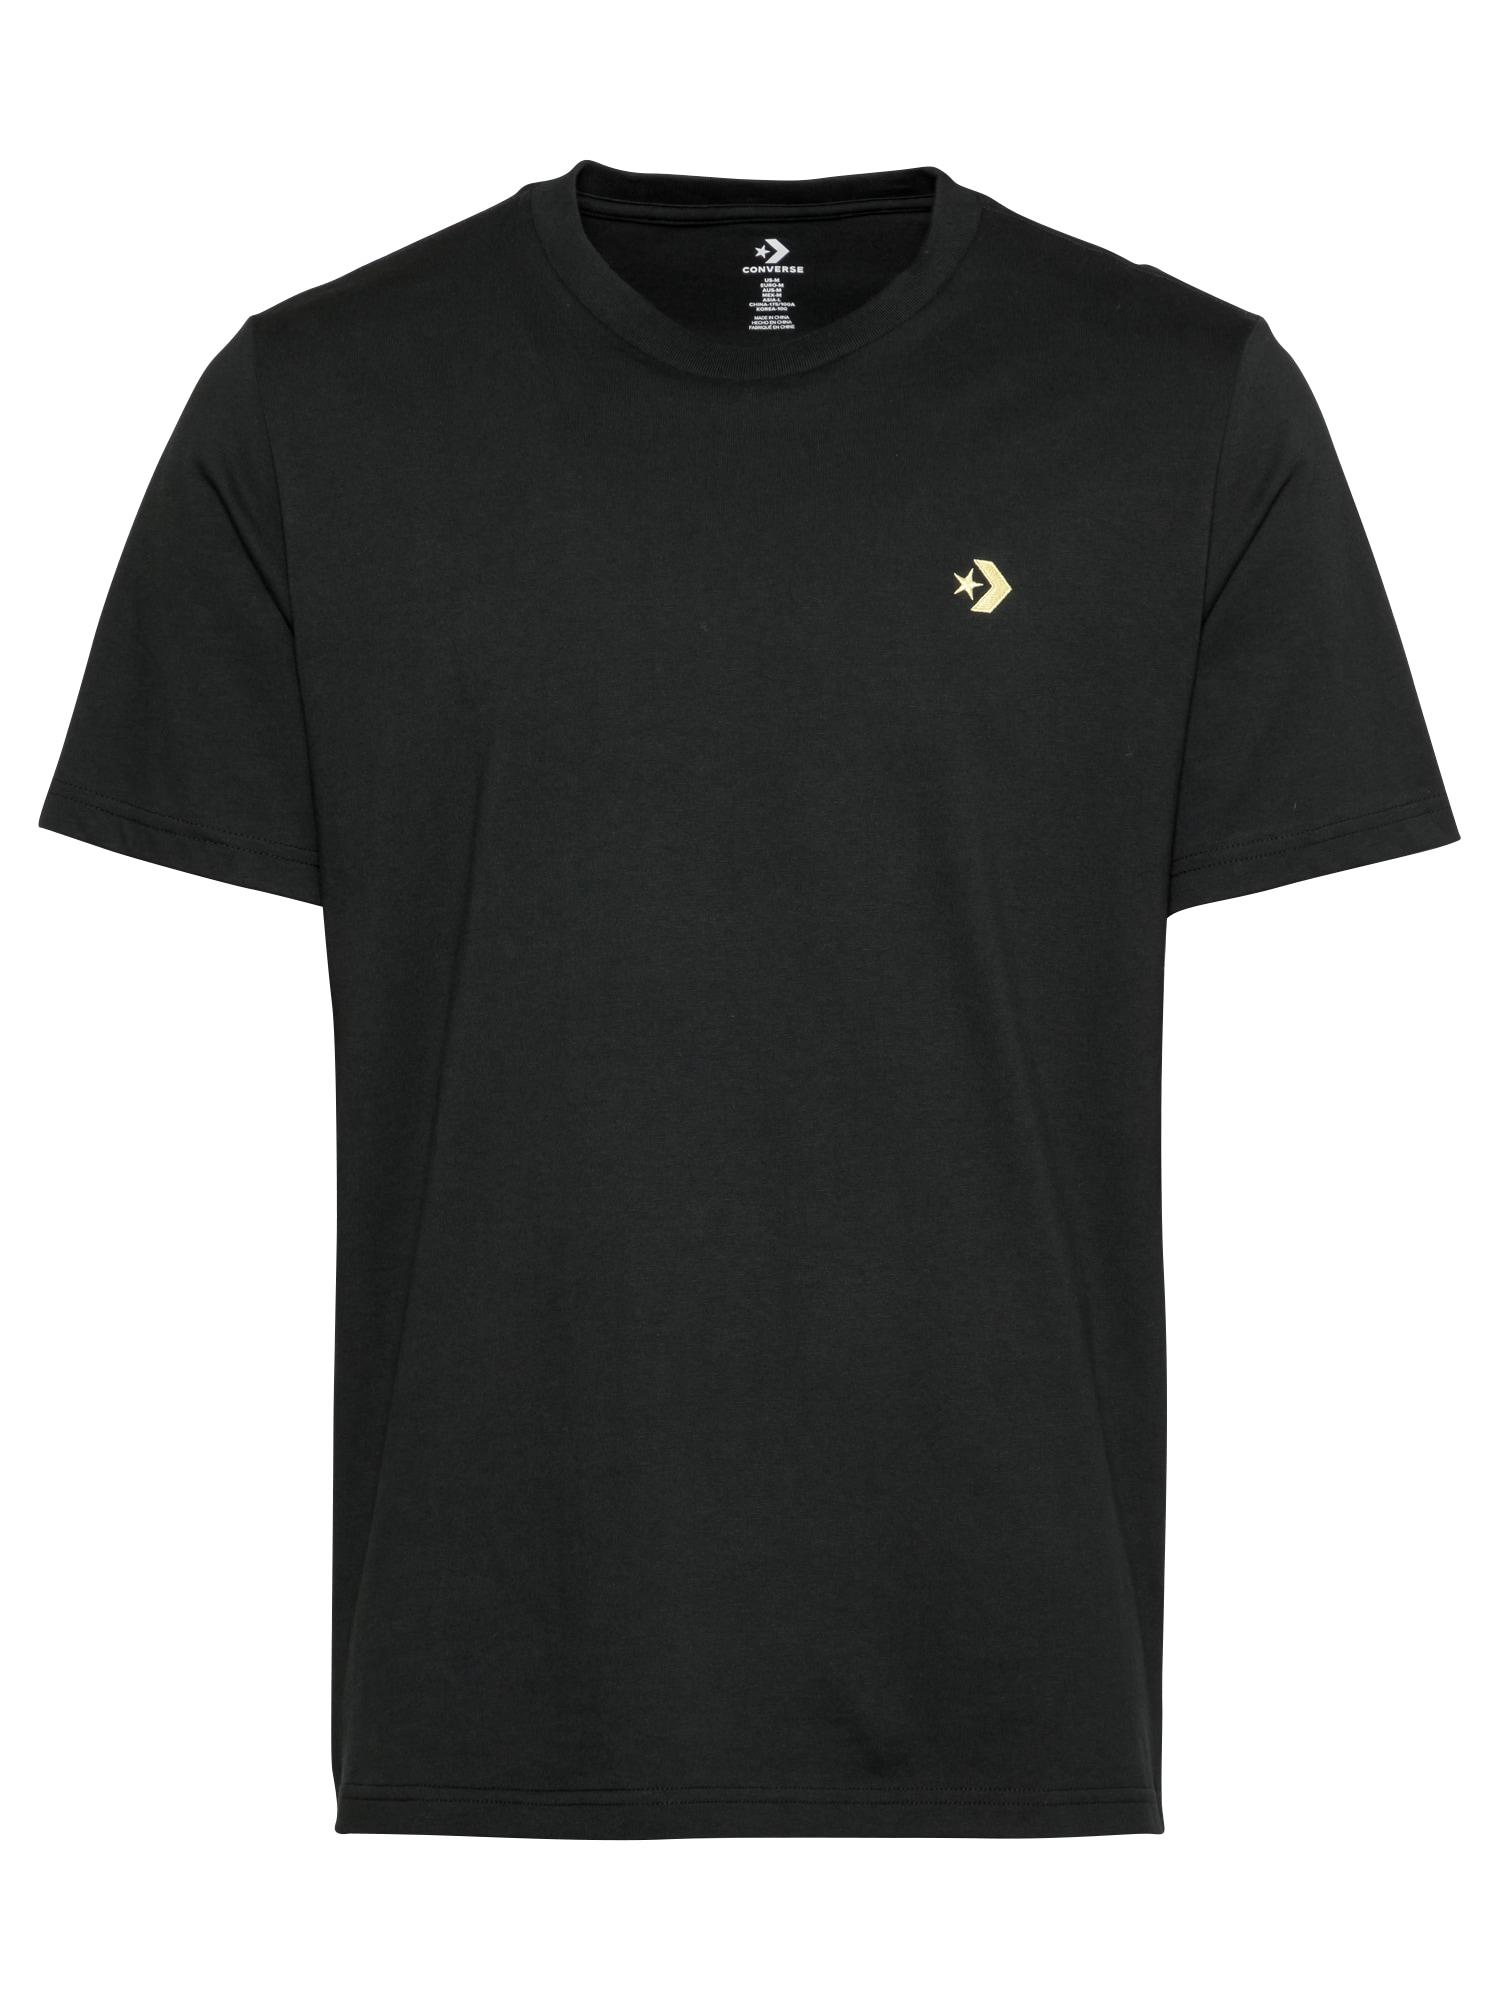 CONVERSE Marškinėliai juoda / mišrios spalvos